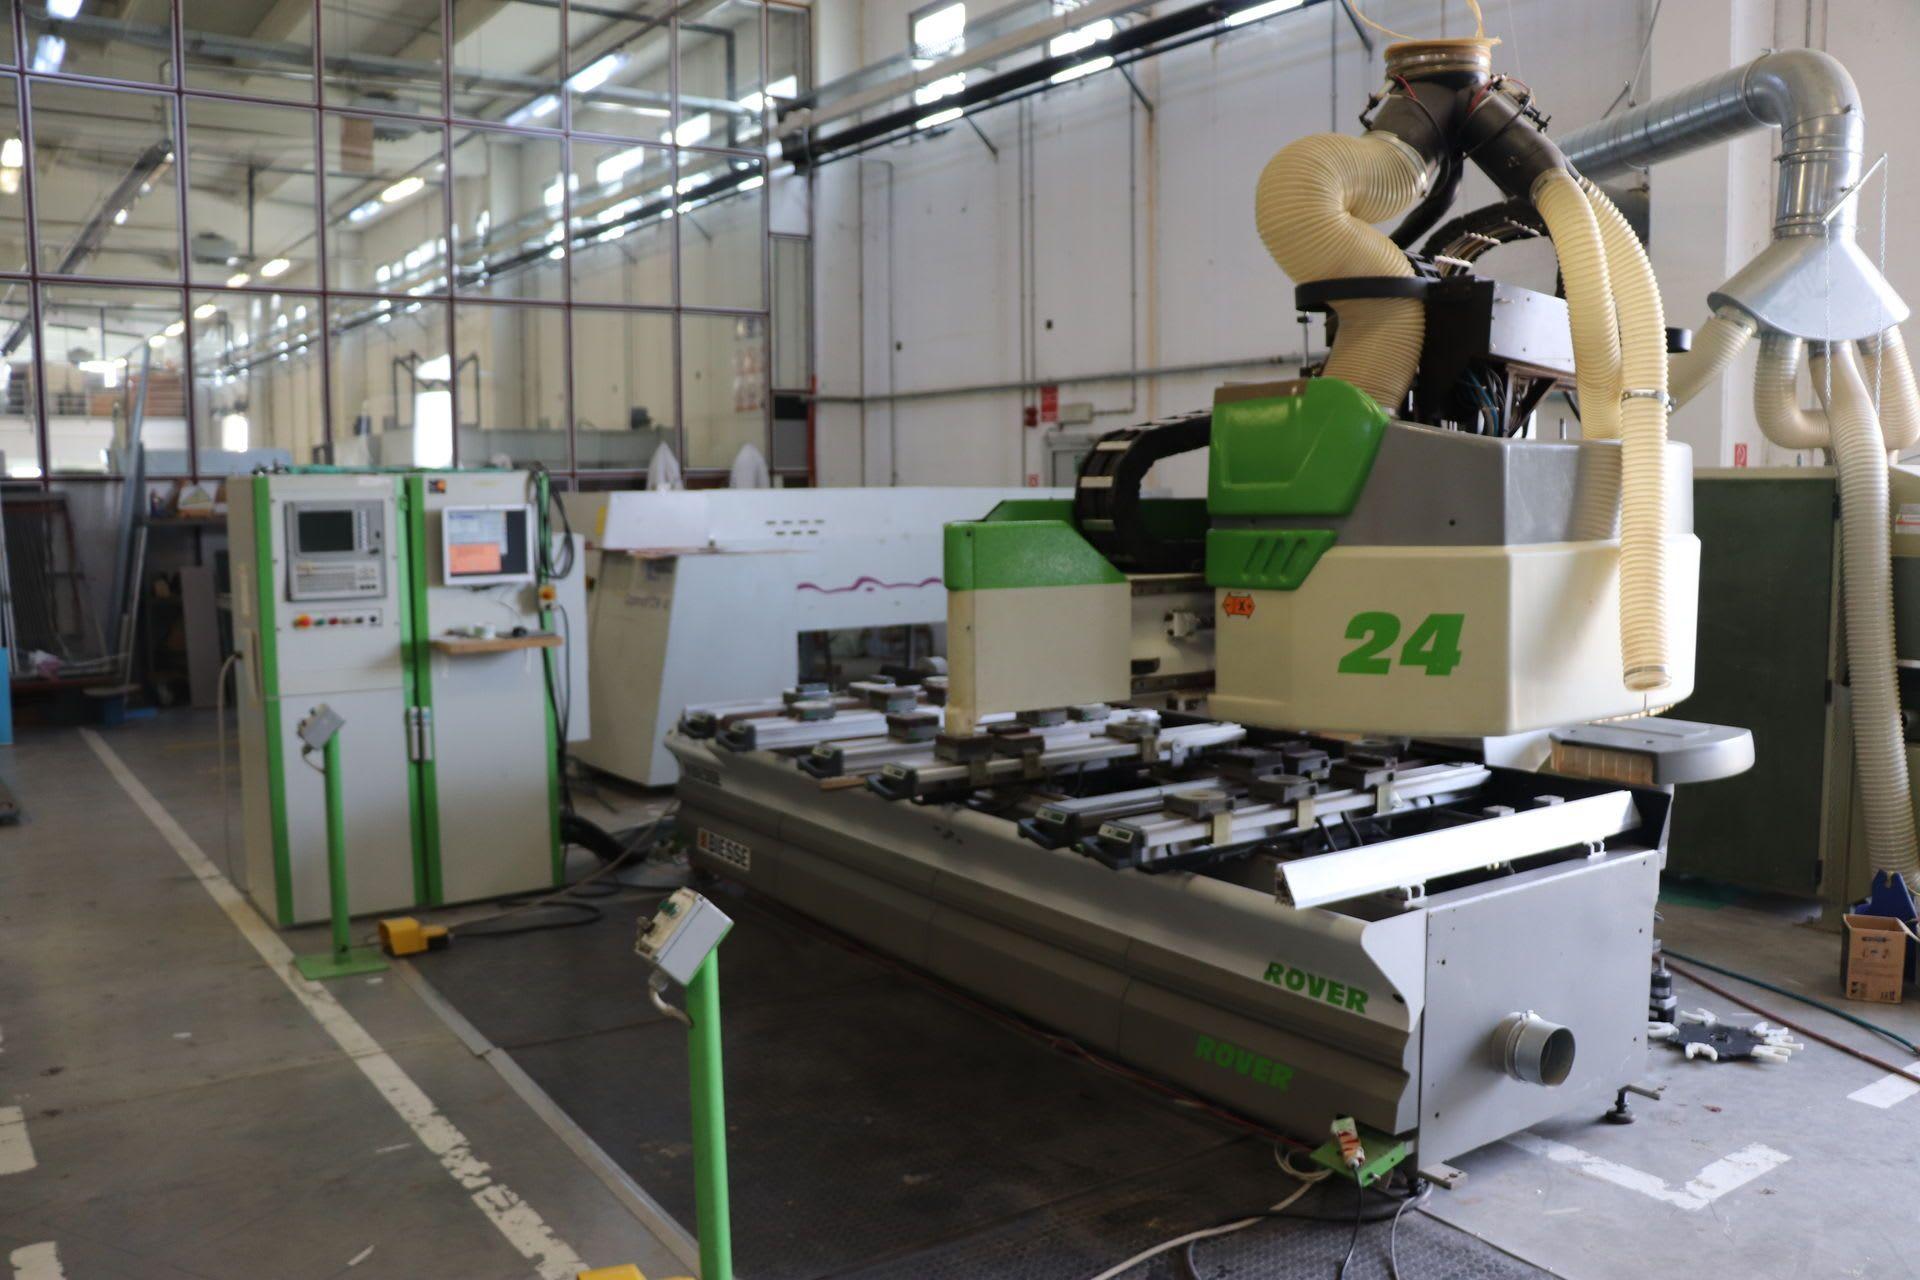 BIESSE Rover 24S CNC-Maschine für Holzbearbeitung